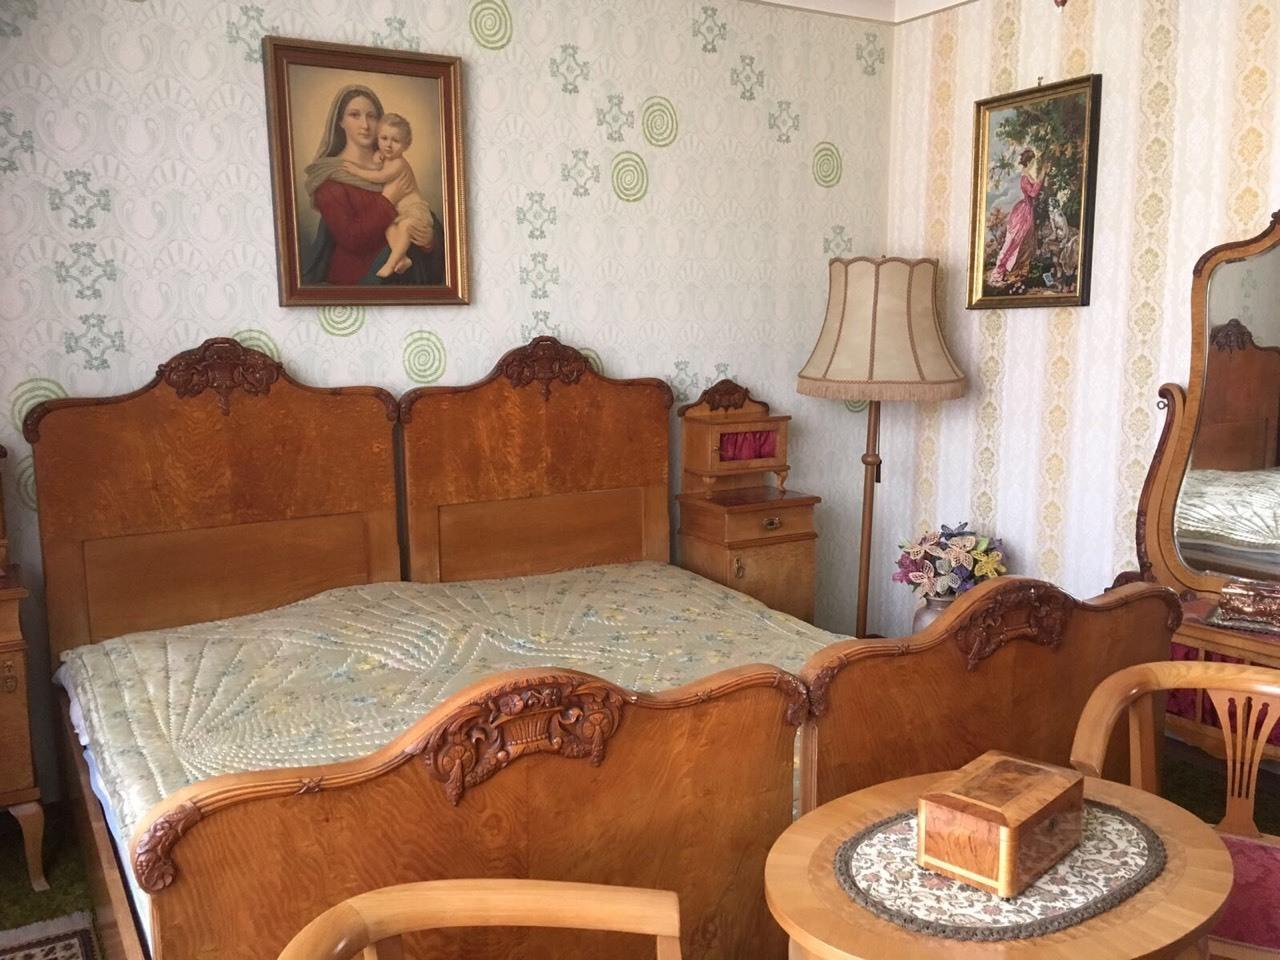 Antikes Schlafzimmer um die Jahrhundertwende